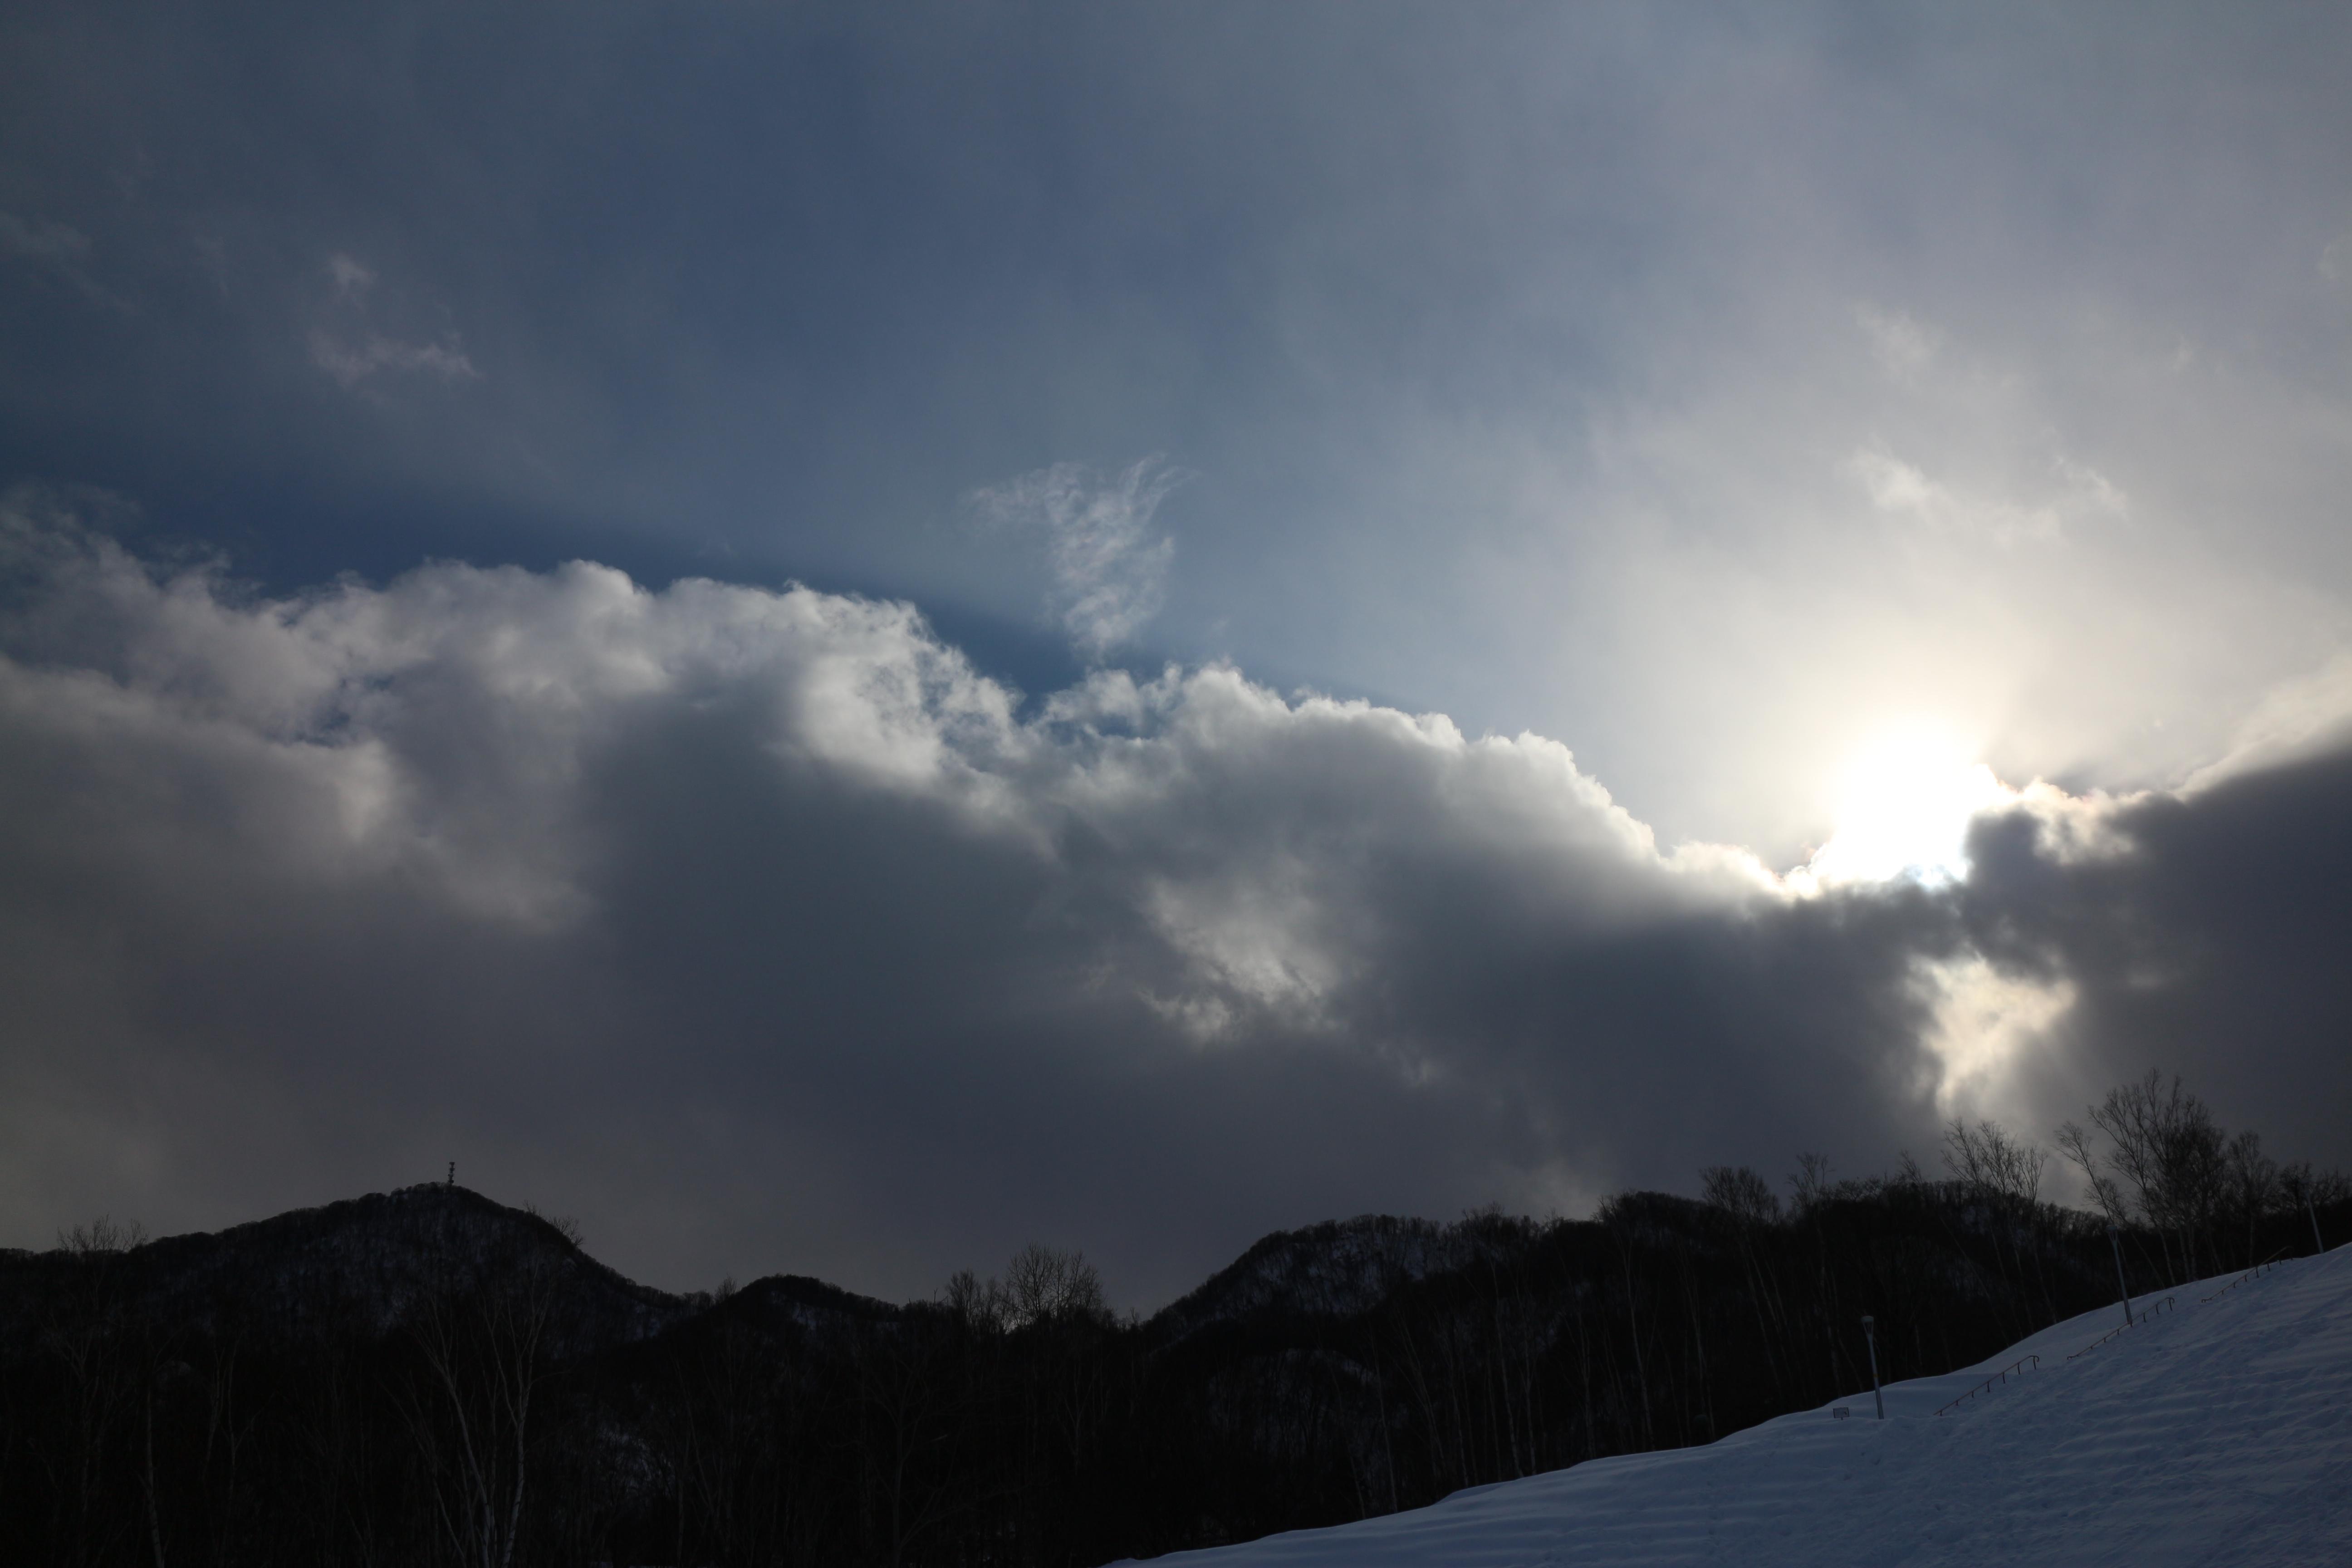 午前中は晴れていたのに、カメラを持って出かけたら雲が出て、こんな感じ。EOS M / EF-M 18-55mm F3.5-5.6 IS STM / 5,184×3,456 / 1/2,500秒 / F5.6 / -0.7EV / ISO100 / WB:オート / 18mm(29mm相当)